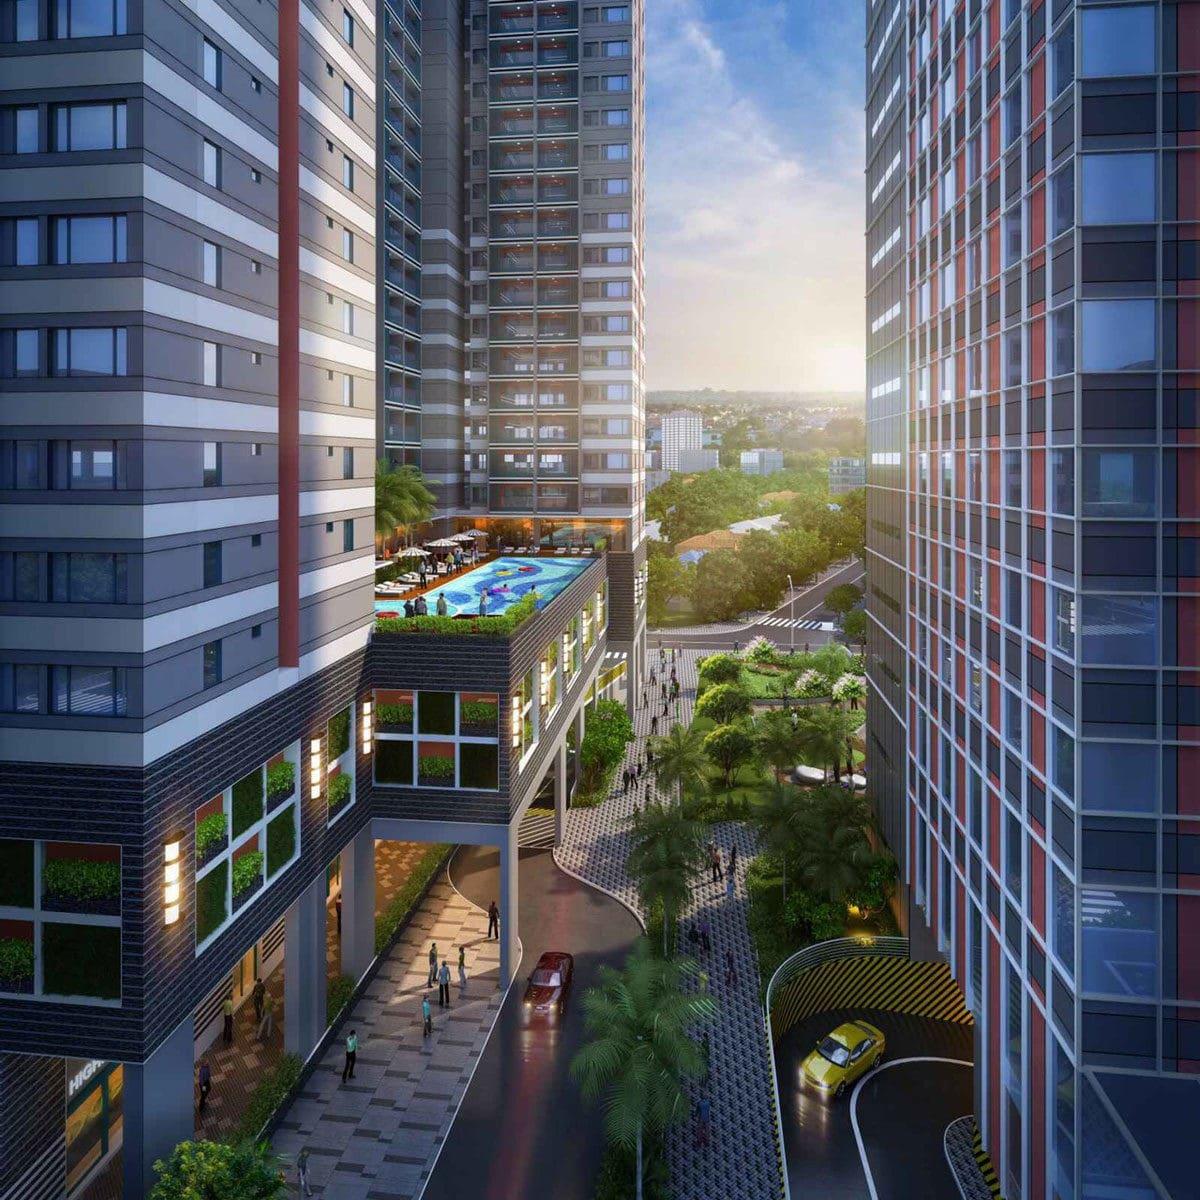 Tiện ích nội khu Dự án Căn hộ Grand Center Quy Nhơn